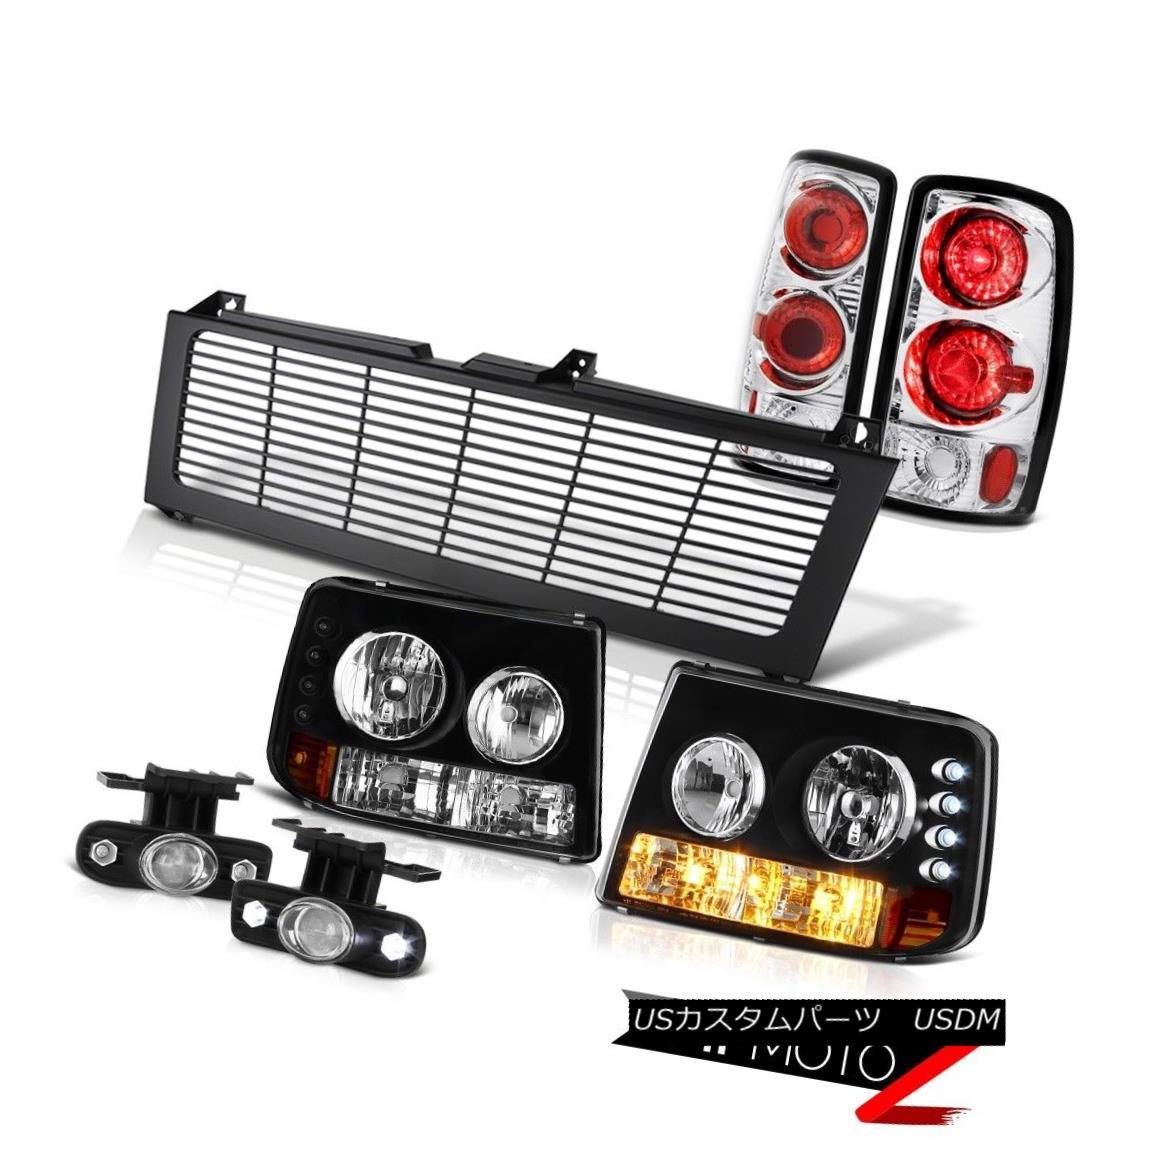 ヘッドライト 00 01 02 03 04 Suburban Bumper Headlight Tail Lights Glass Projector Fog Grille 00 01 02 03 04郊外バンパーヘッドライトテールライトガラスプロジェクターフォググリル